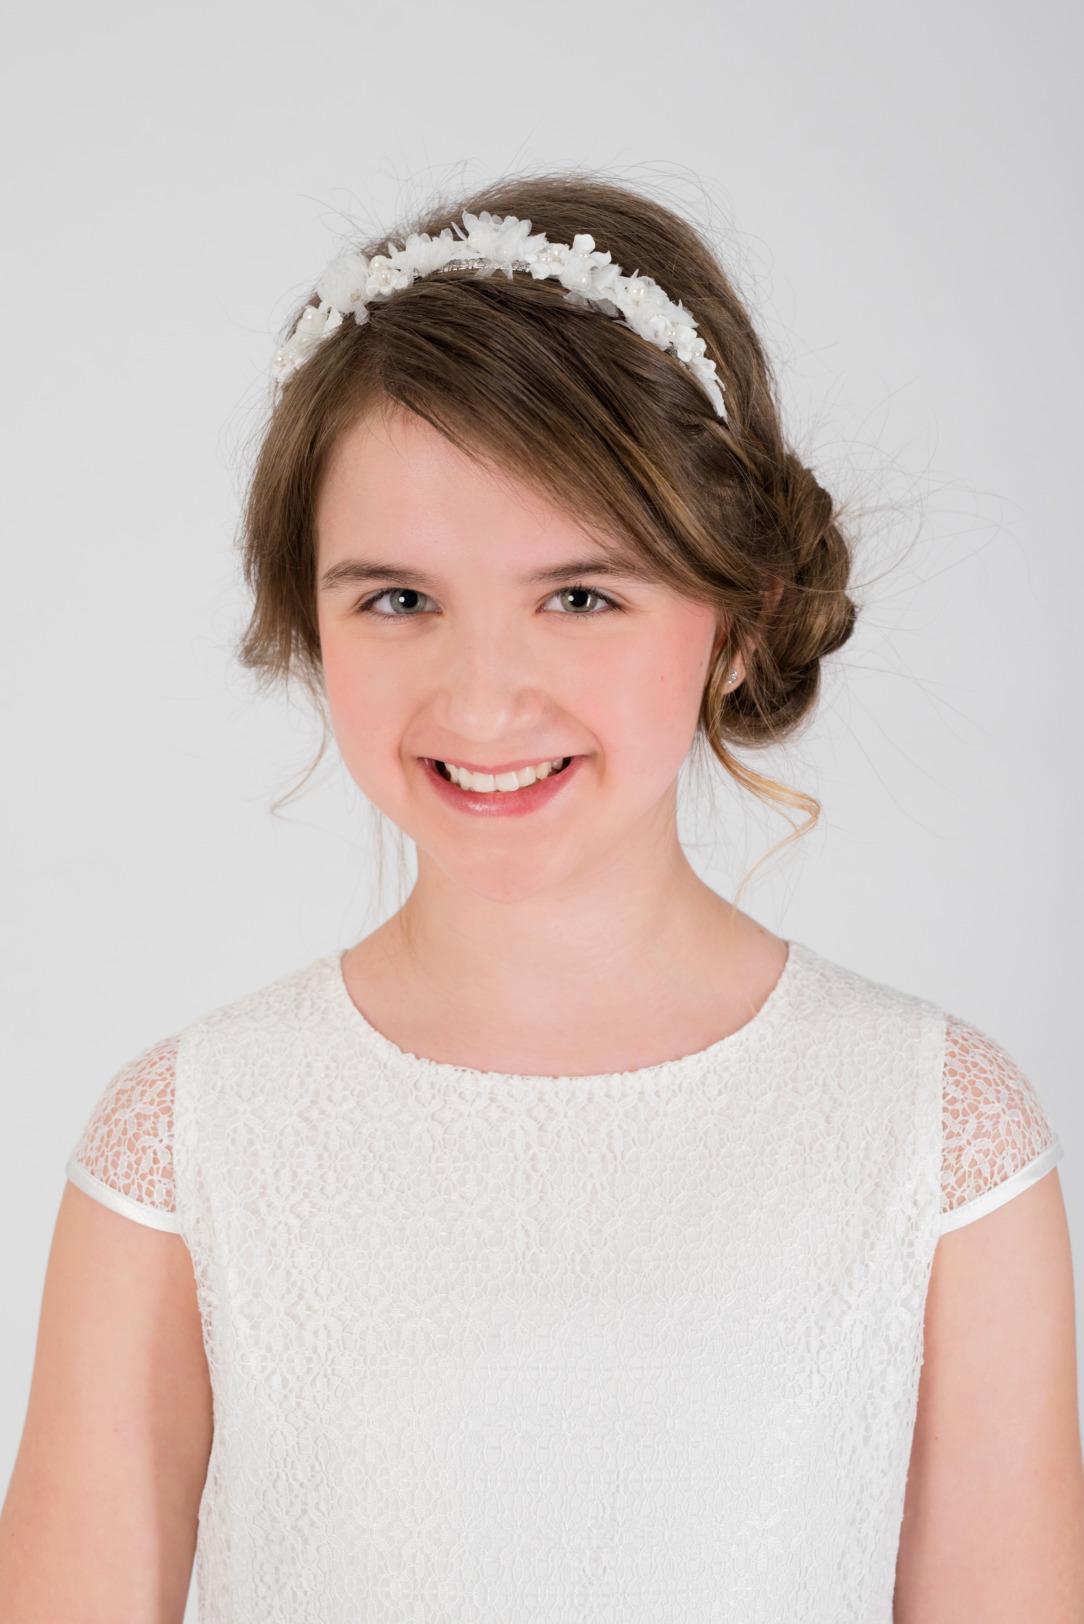 Weise Kinder Kommunion Mode Kleid Mädchen weiß kleiner Ärmel mit Spitzenoberteil Haarreifen mit Blüten